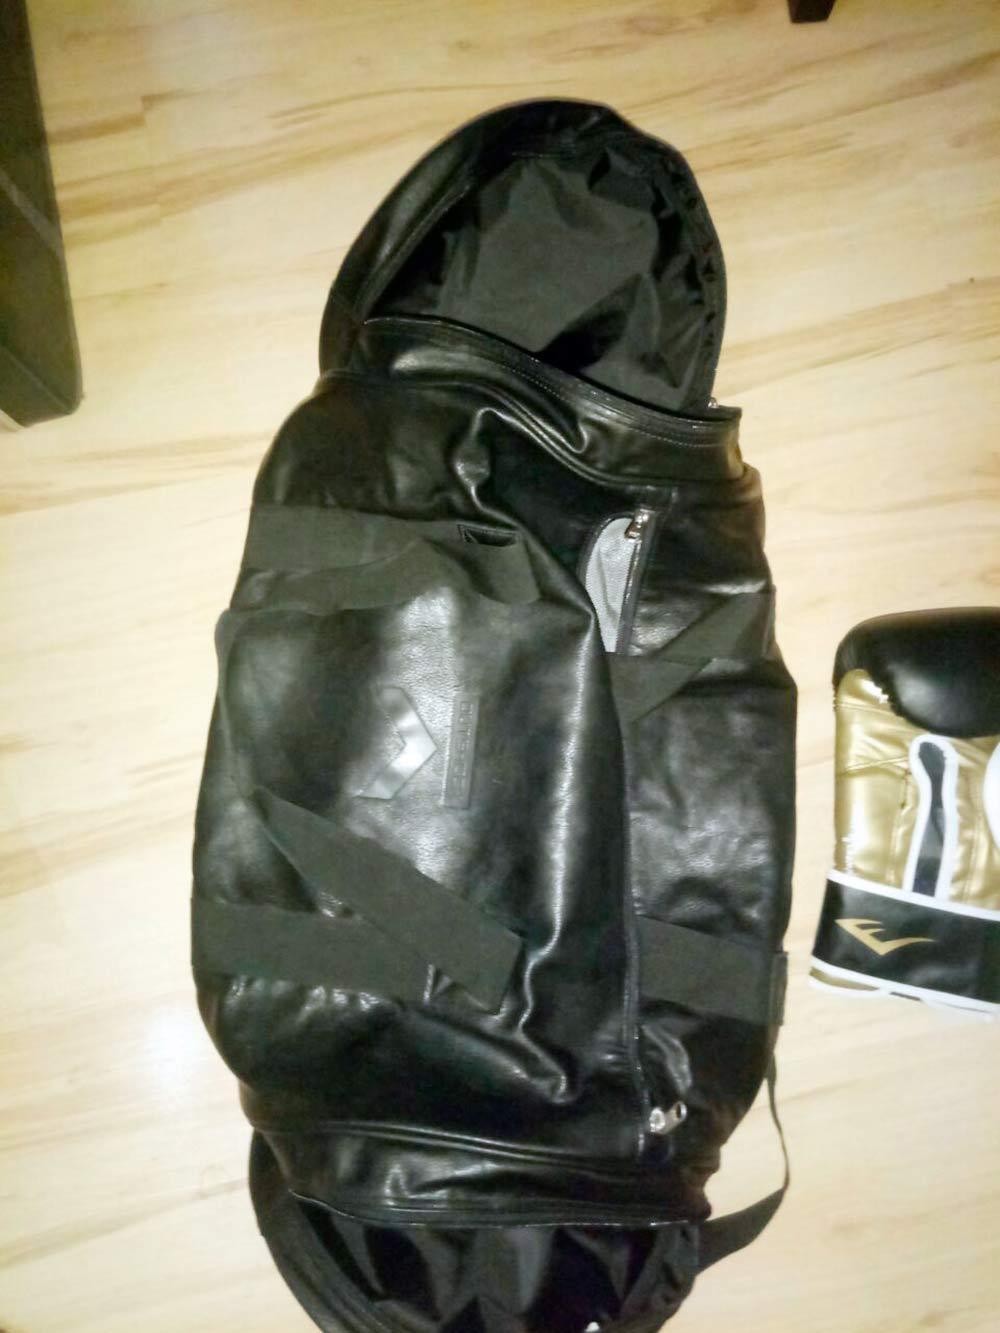 Моя сумка дляэкипировки. Чтобы было видно, какая она огромная, я положил рядом перчатку